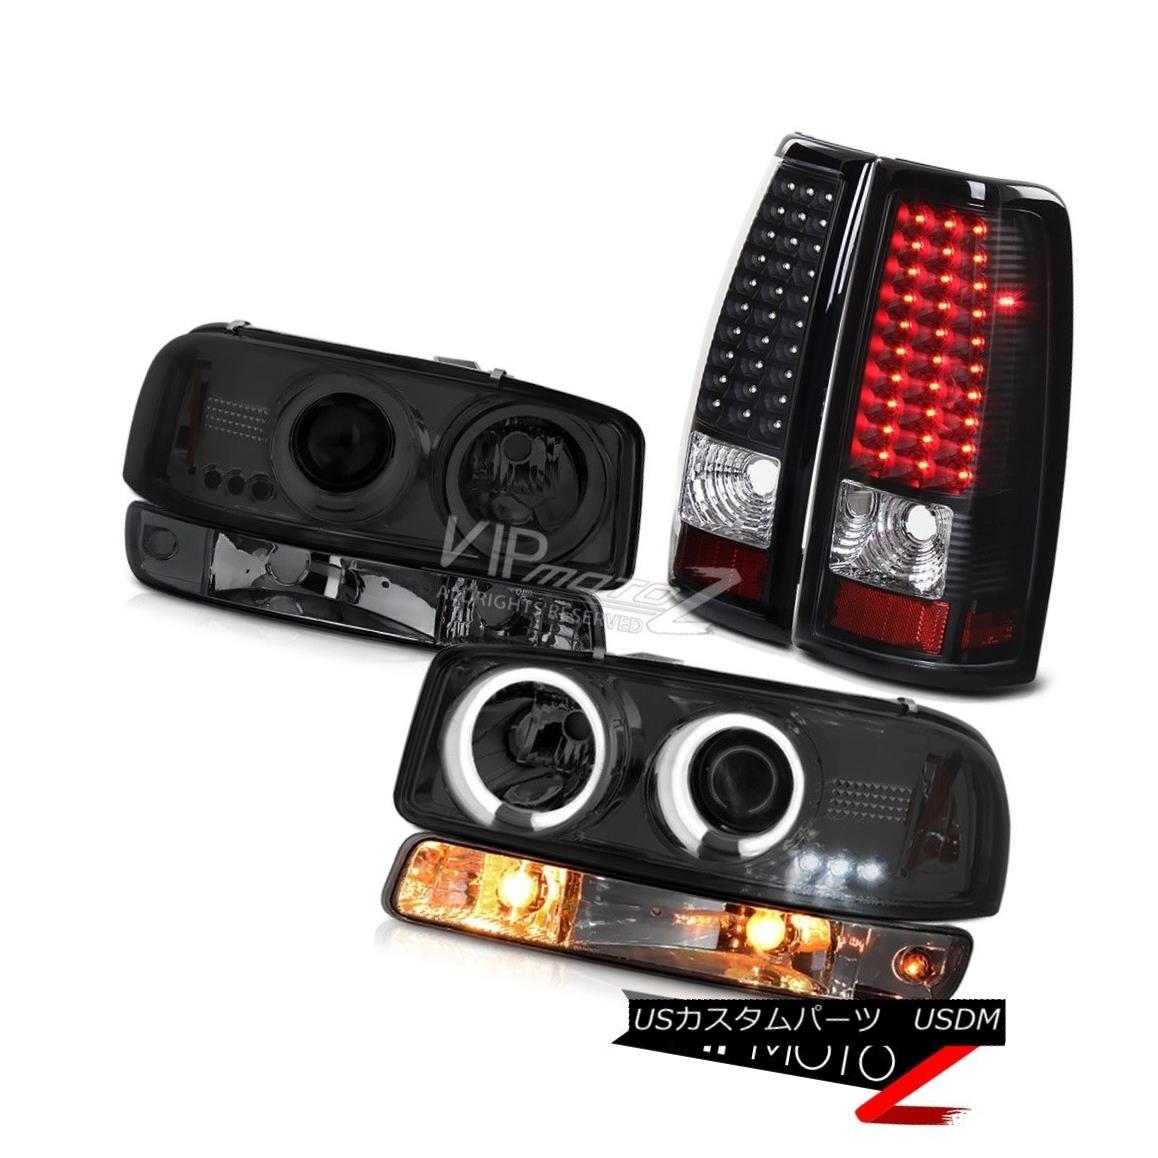 ヘッドライト 99 00 01 02 Sierra 6.0L Black led taillights smoked bumper light ccfl headlamps 99 00 01 02 Sierra 6.0L黒色のテールライトは燻製のバンパーライトccflヘッドライト